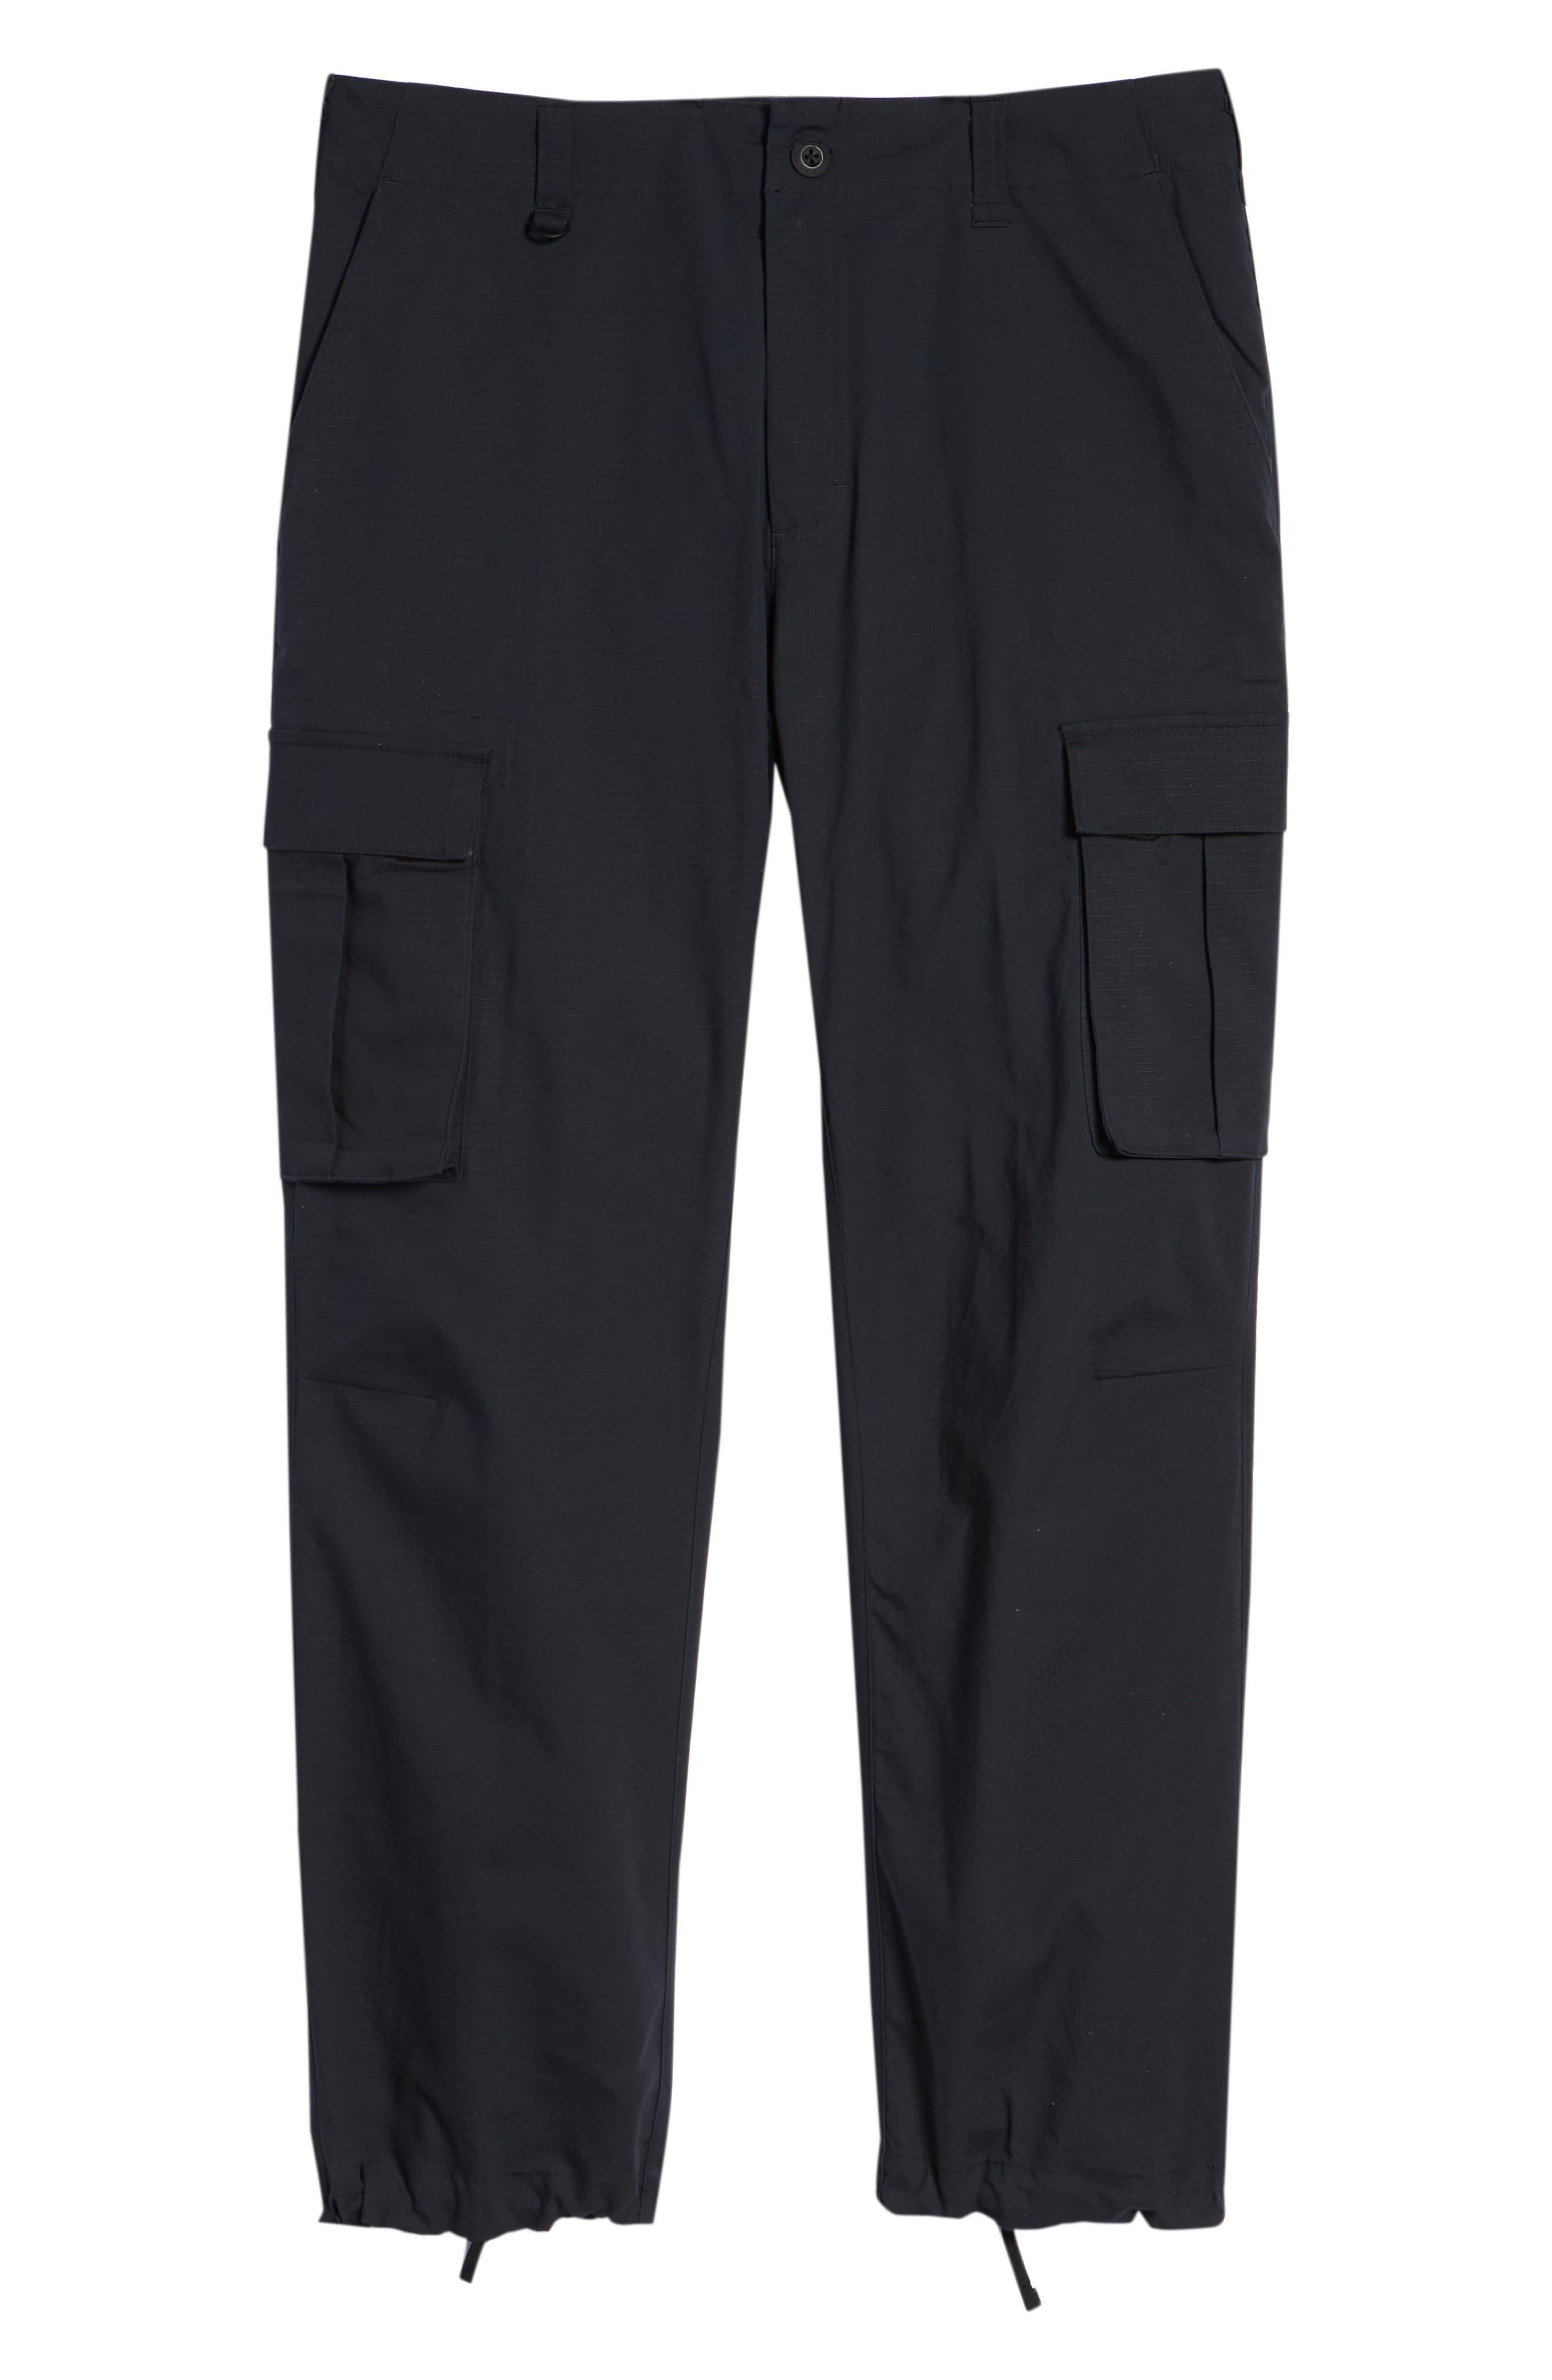 NIKE SB, Flex Cargo Pants, Alternate thumbnail 7, color, BLACK